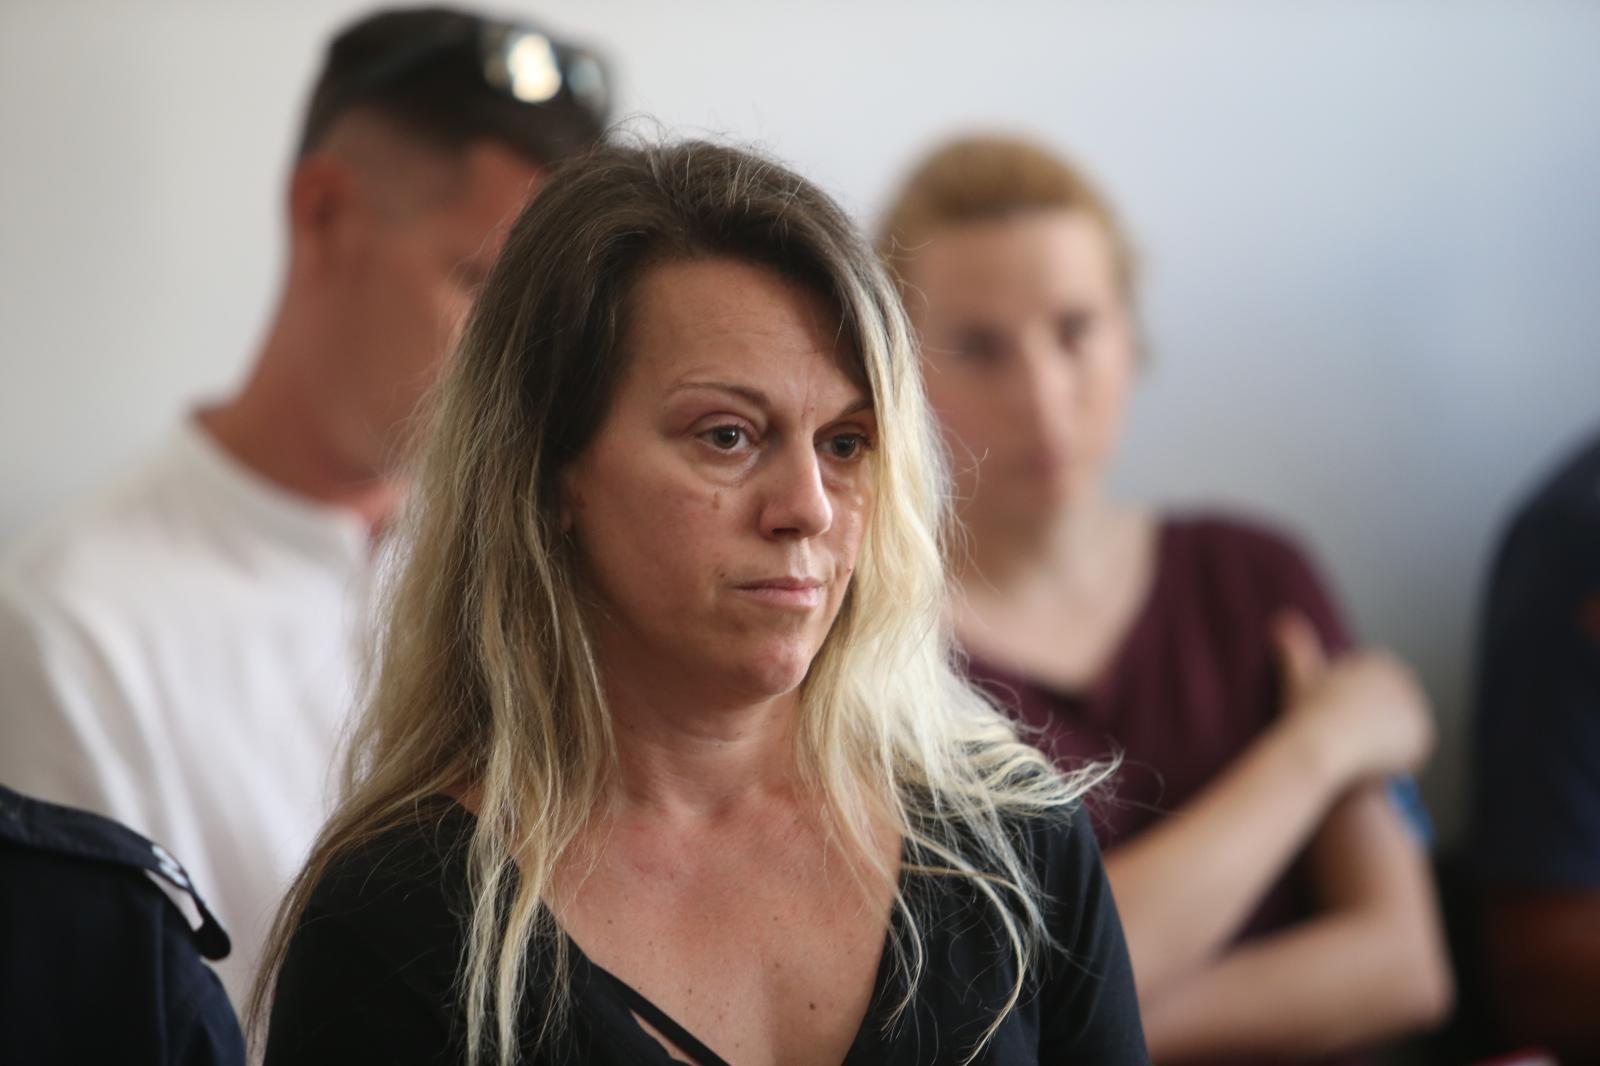 Bivša HAC-ovka koja je pijana autom ubila studenticu nepravomoćno osuđena na 10 godina zatvora